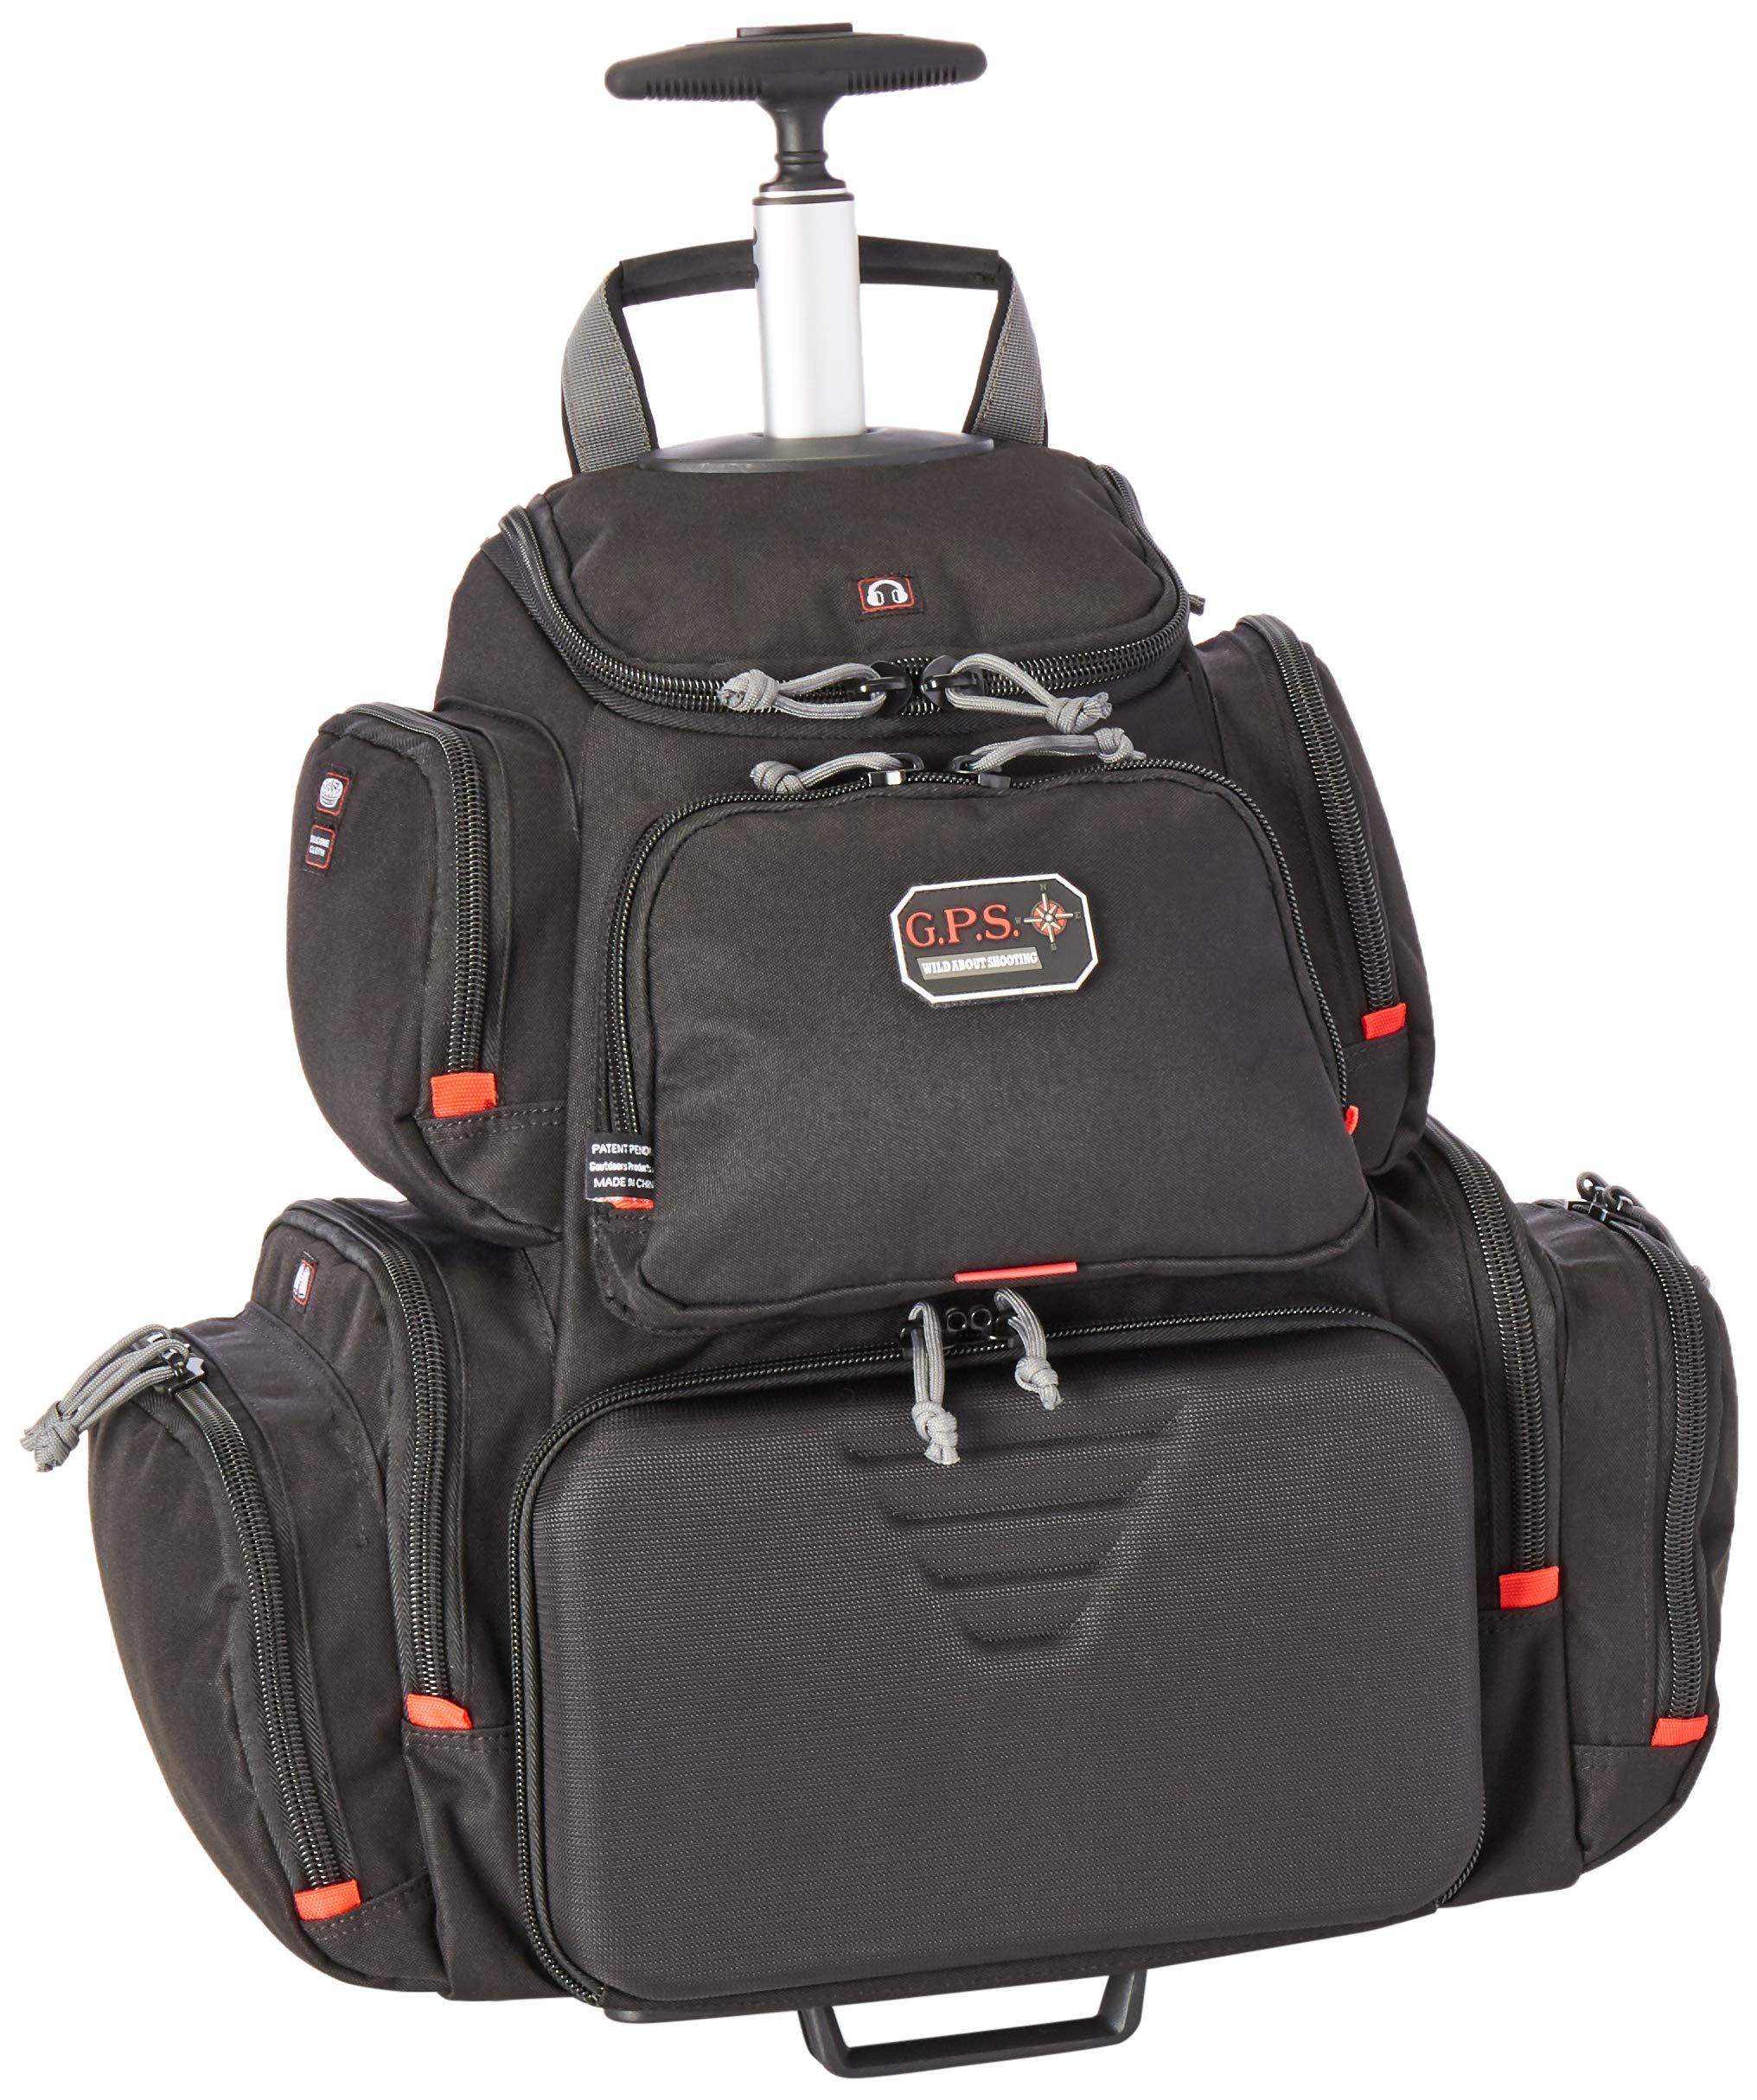 G5 Outdoors G.P.S. GPS-1711ROBP Rolling Handgunner Backpack, Black